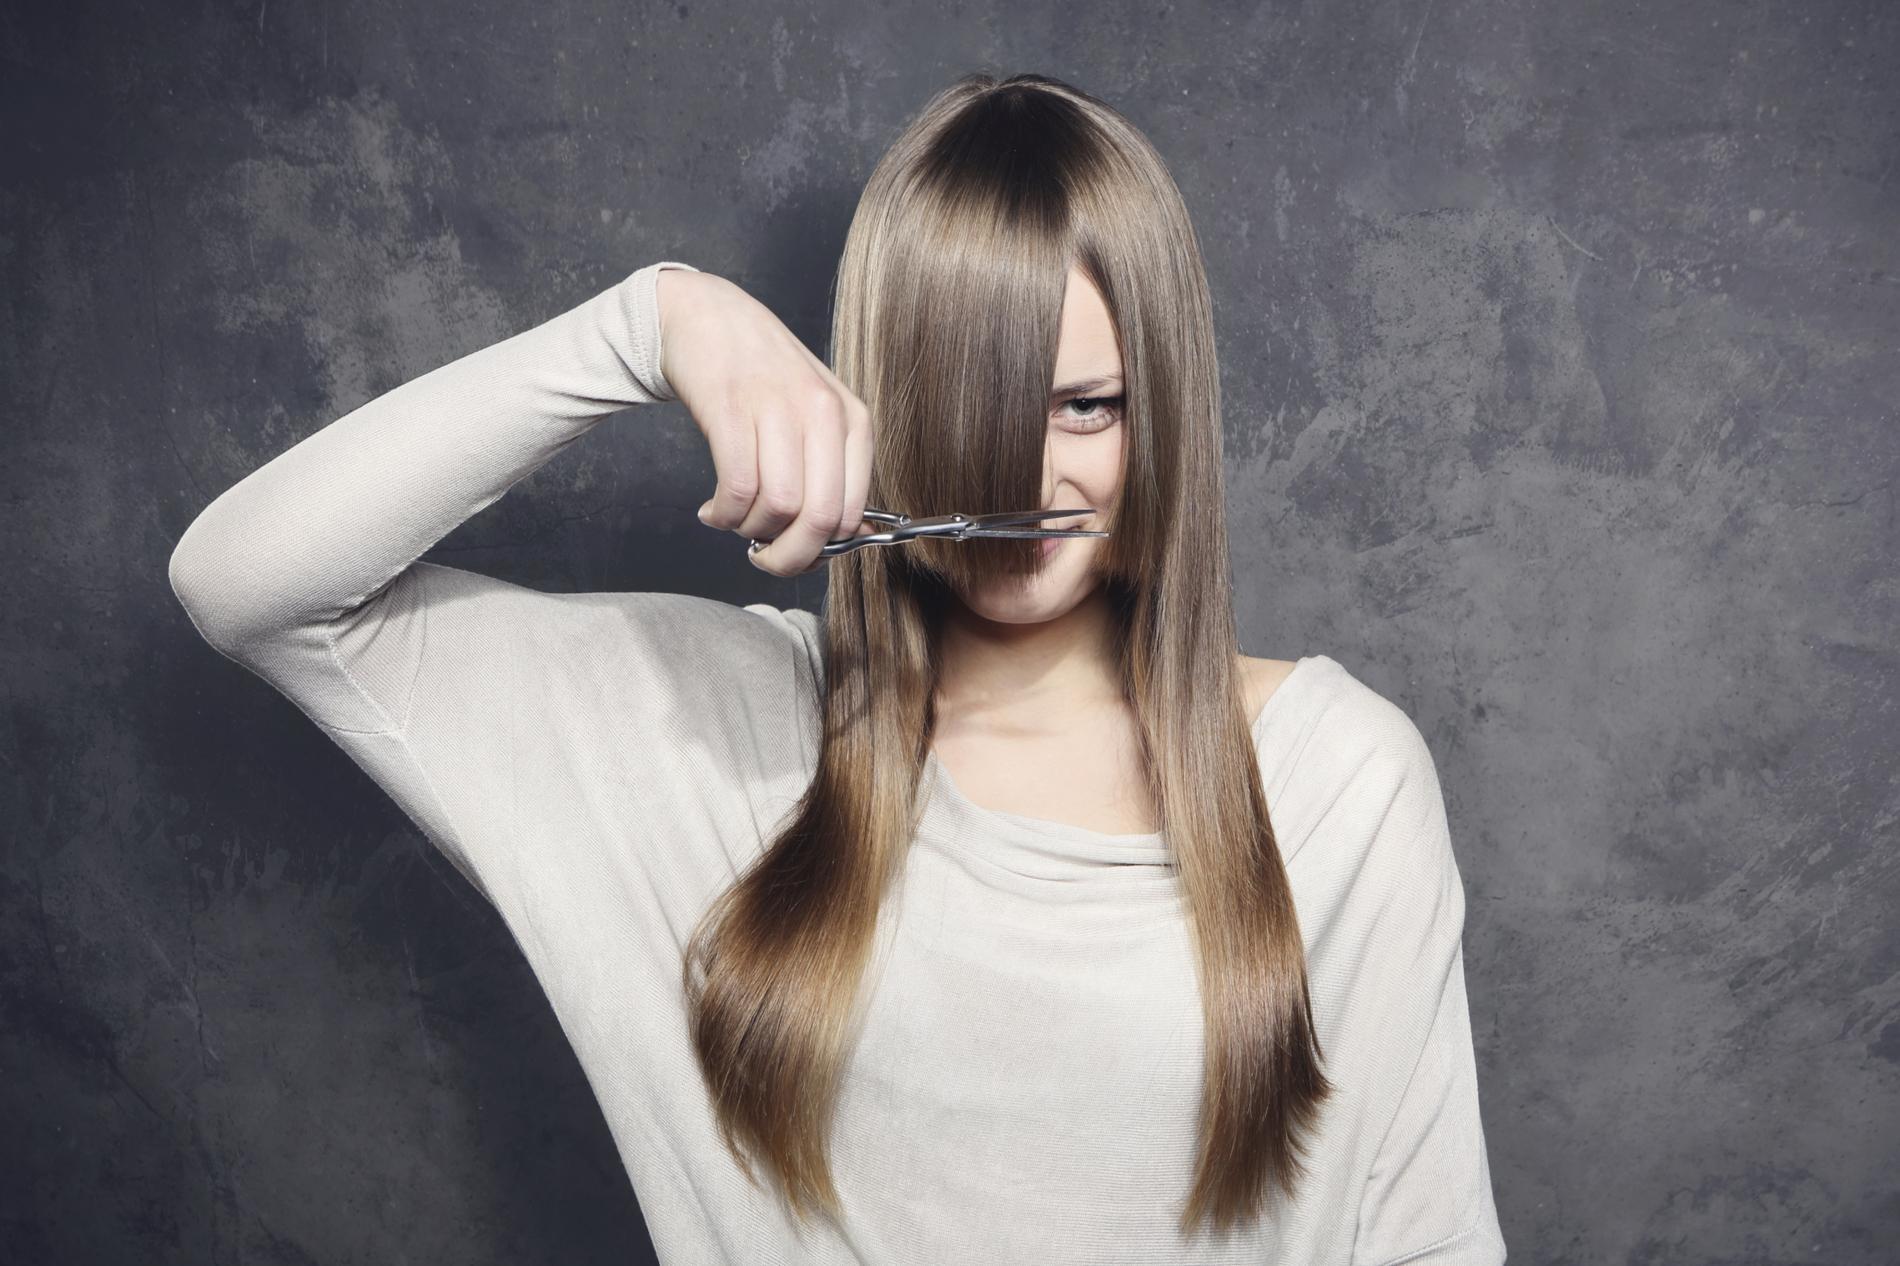 Comment couper les cheveux garСЂС–РІВ§on